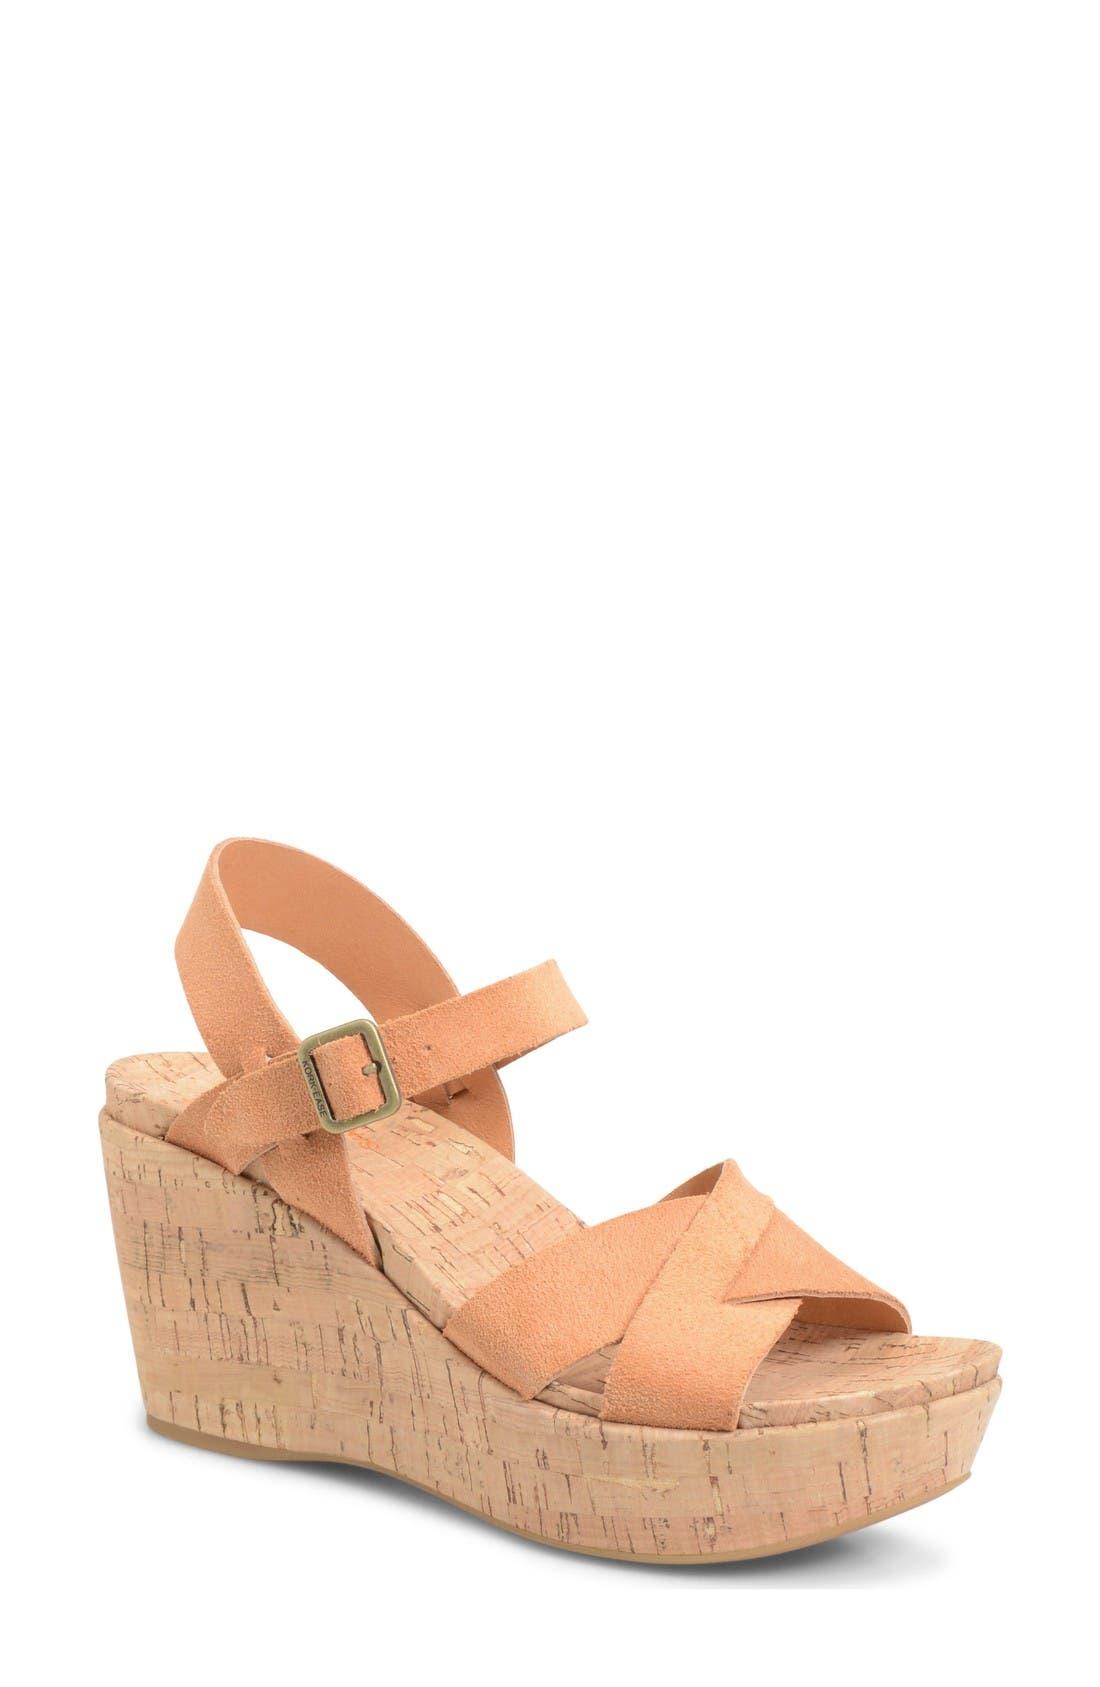 Alternate Image 1 Selected - Kork-Ease® 'Ava 2.0' Platform Wedge Sandal (Women)